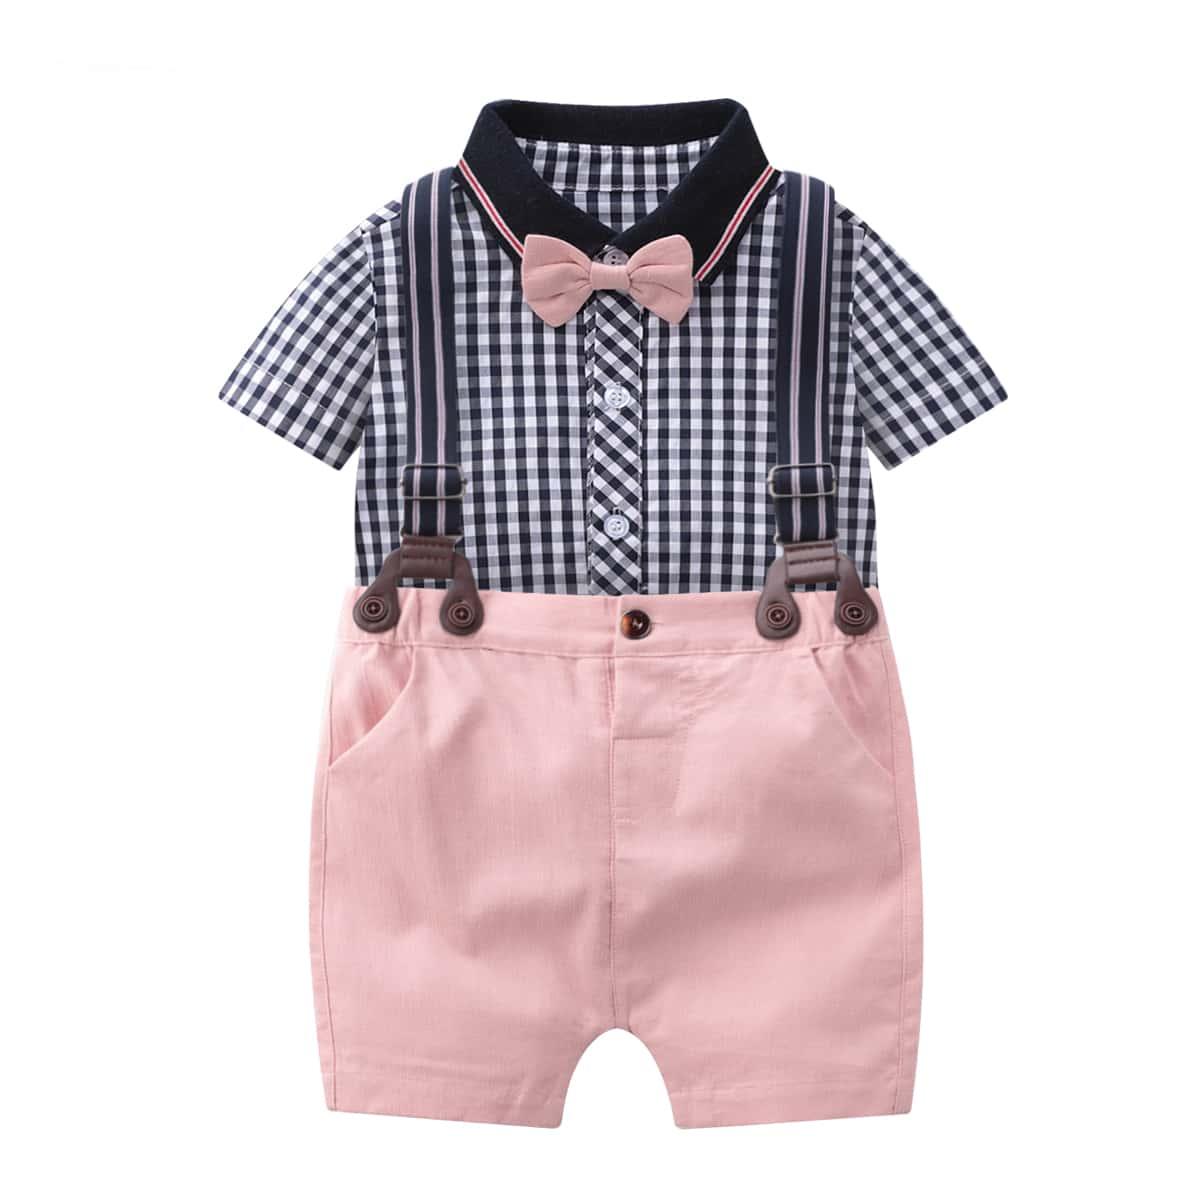 Shirt mit Schleife, Gingham Muster & Shorts mit Träger